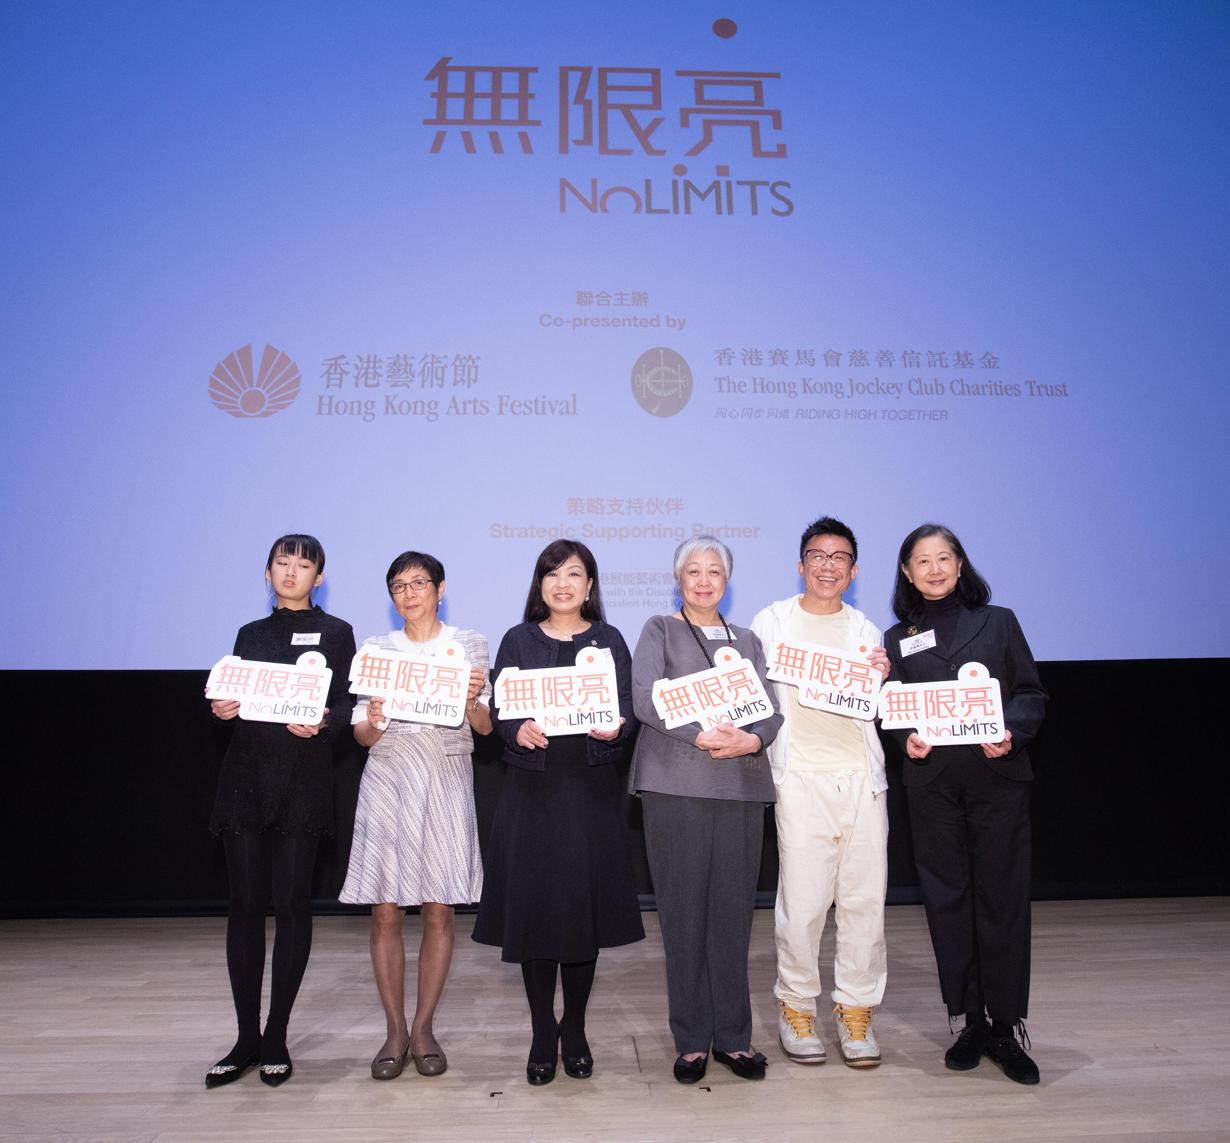 香港藝術節及香港賽馬會慈善信託基金今天舉行記者會,宣布明年3月推出全新計劃「無限亮」(No Limits)